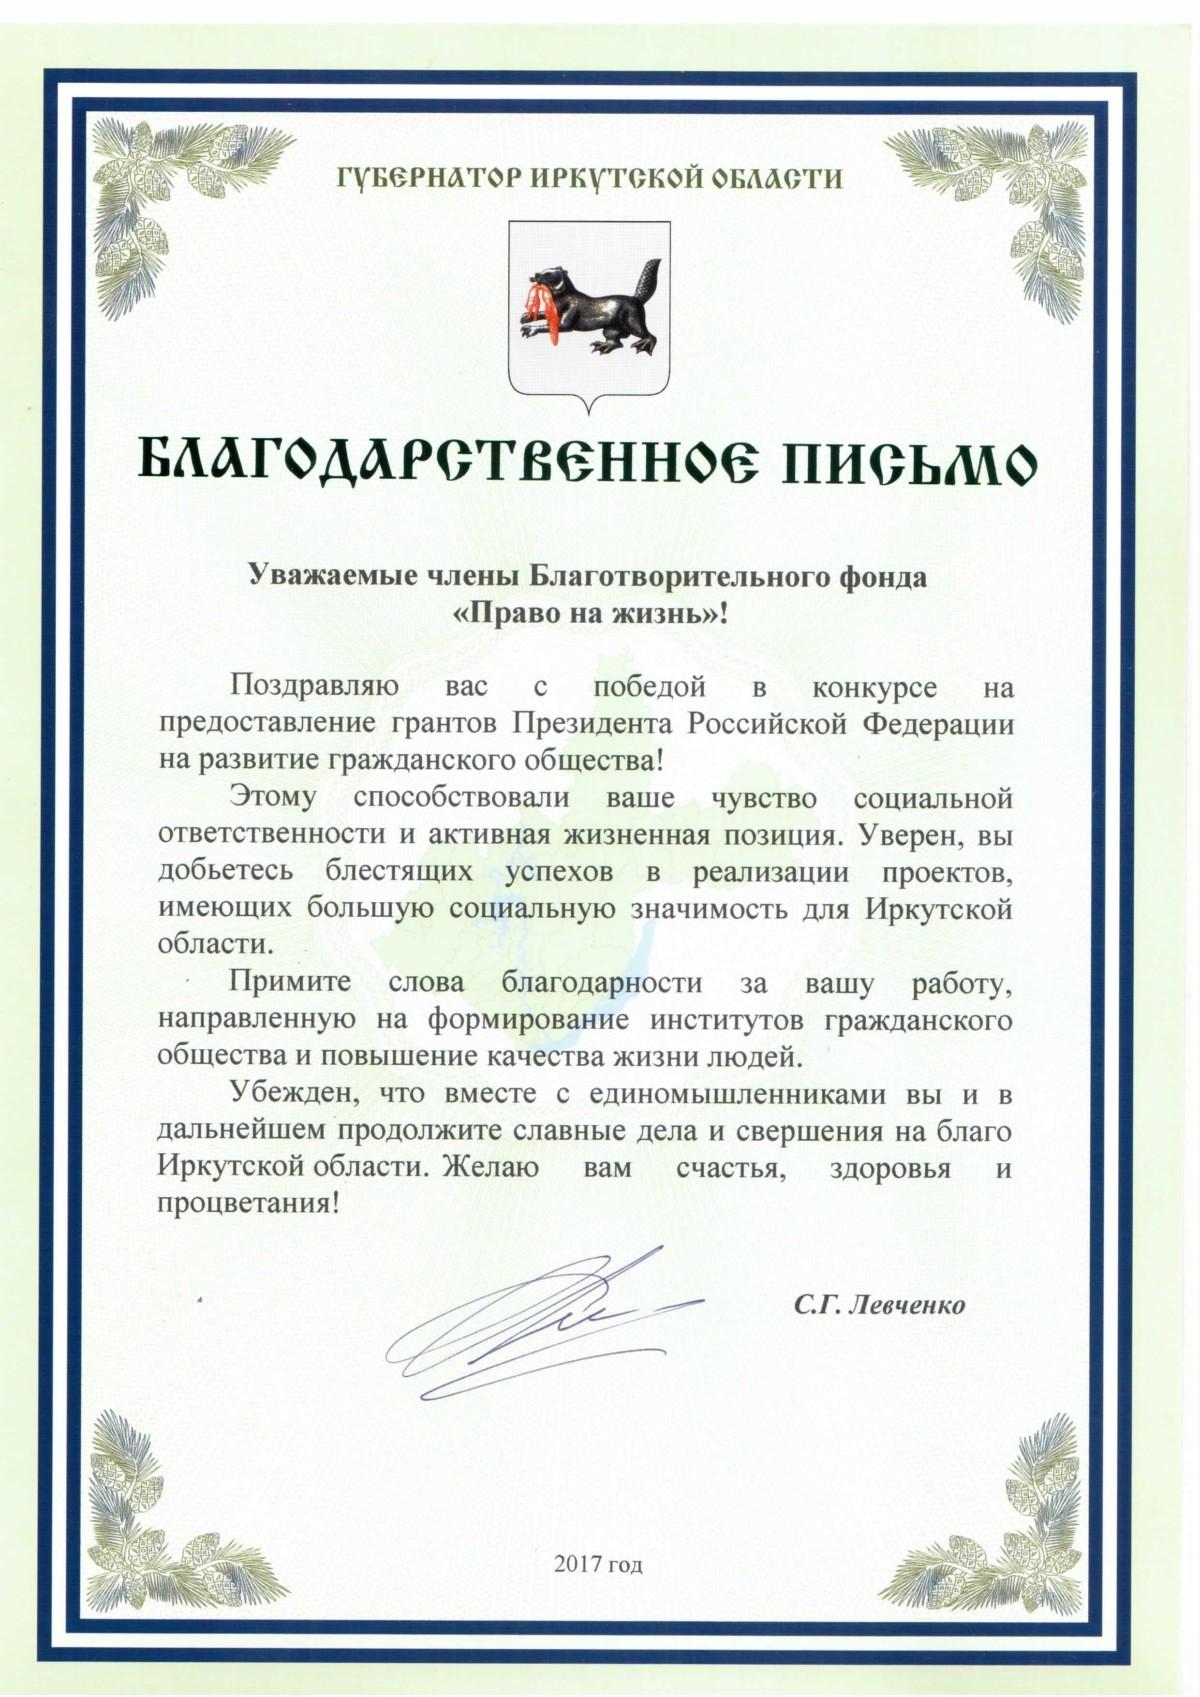 Благодарственное письмо от С.Г. Левченко